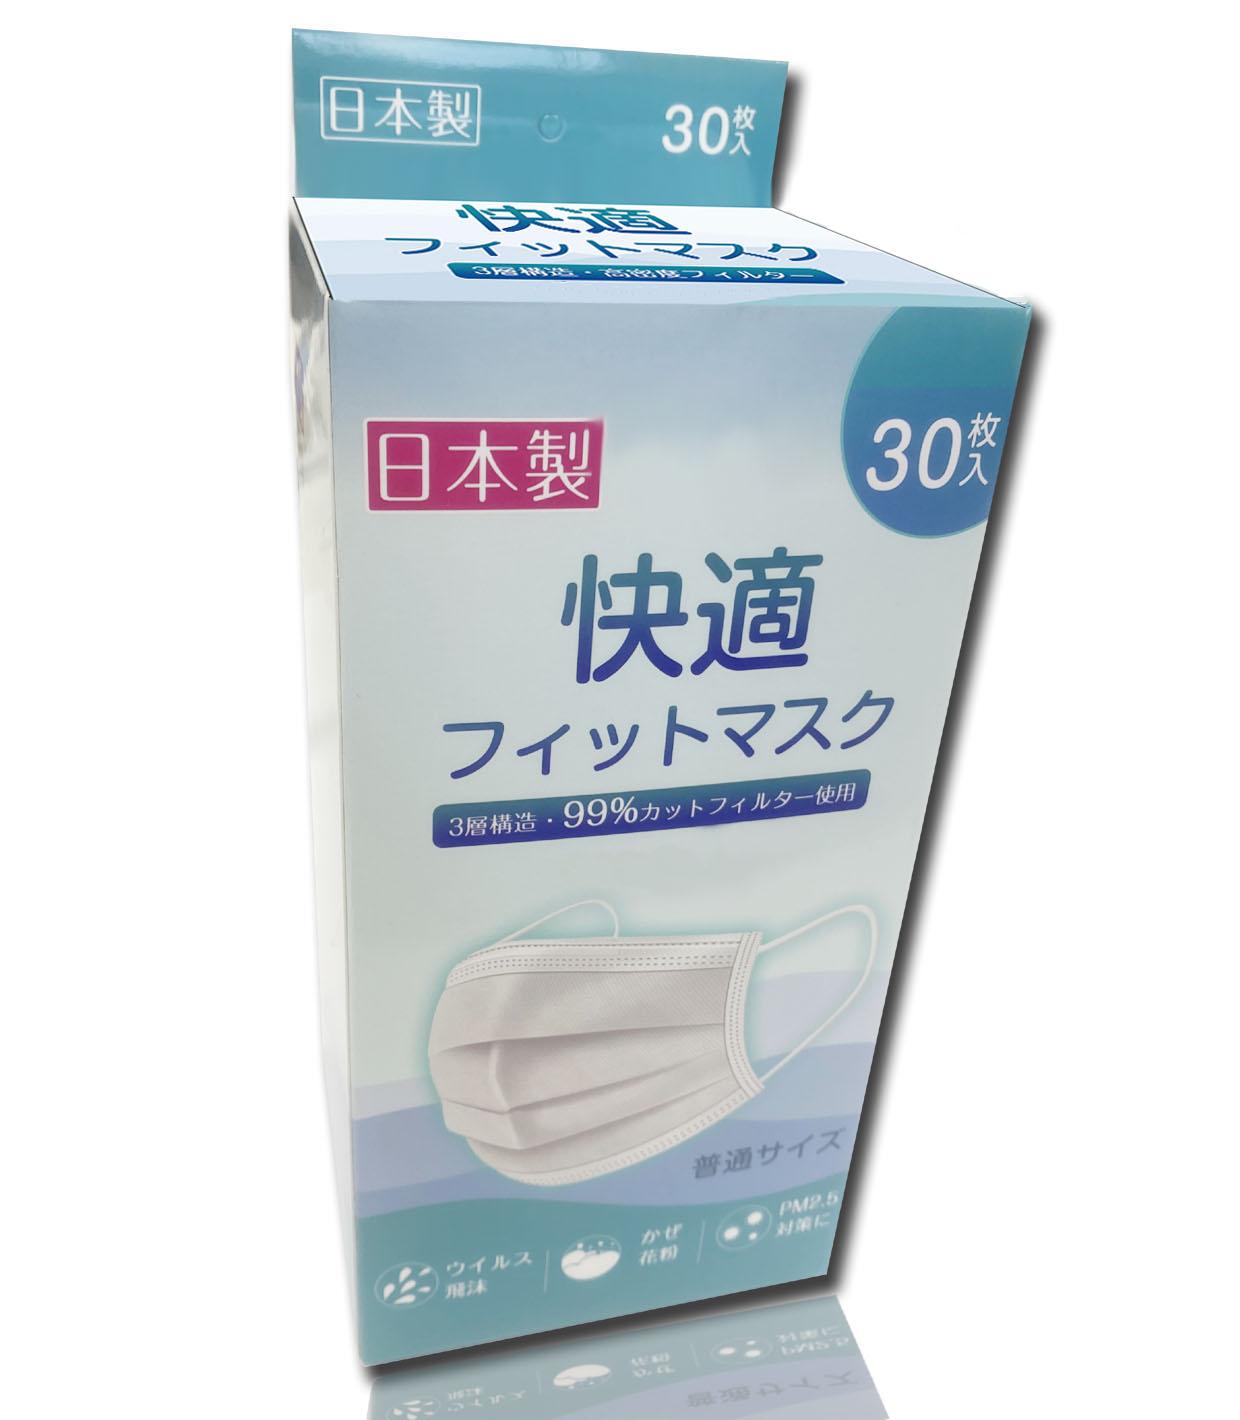 九州自社工場直販 日本製 三層構造 不織布マスク 快適フィットマスク 30枚入